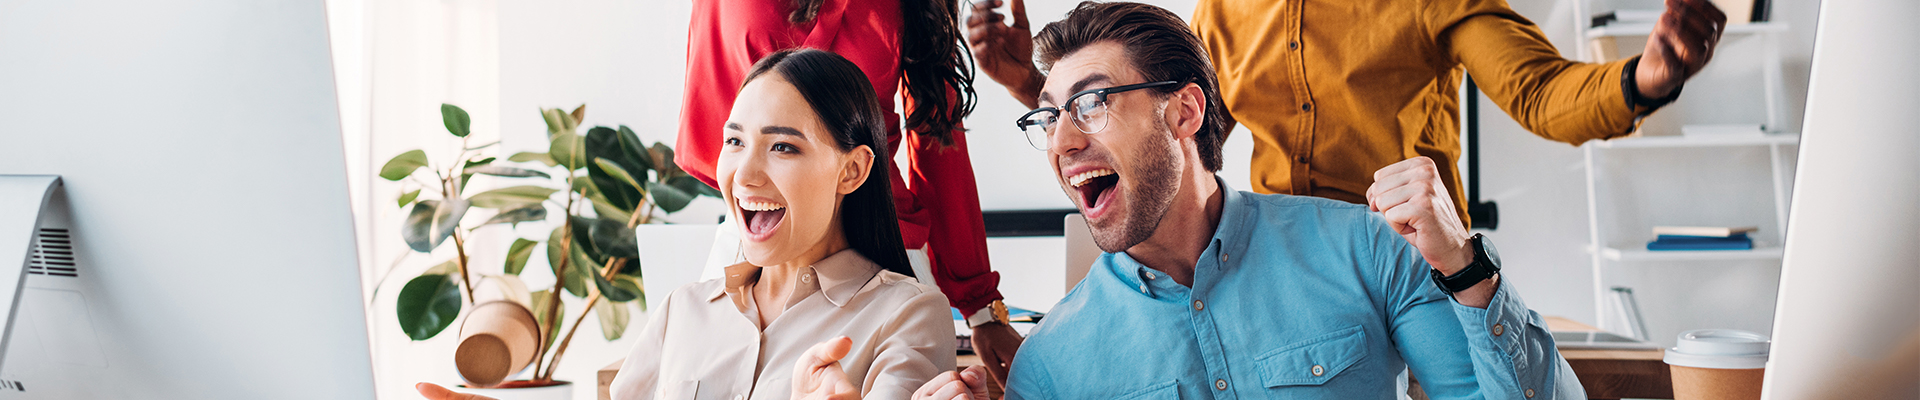 banner-desafios-para-hacer-felices-empleados